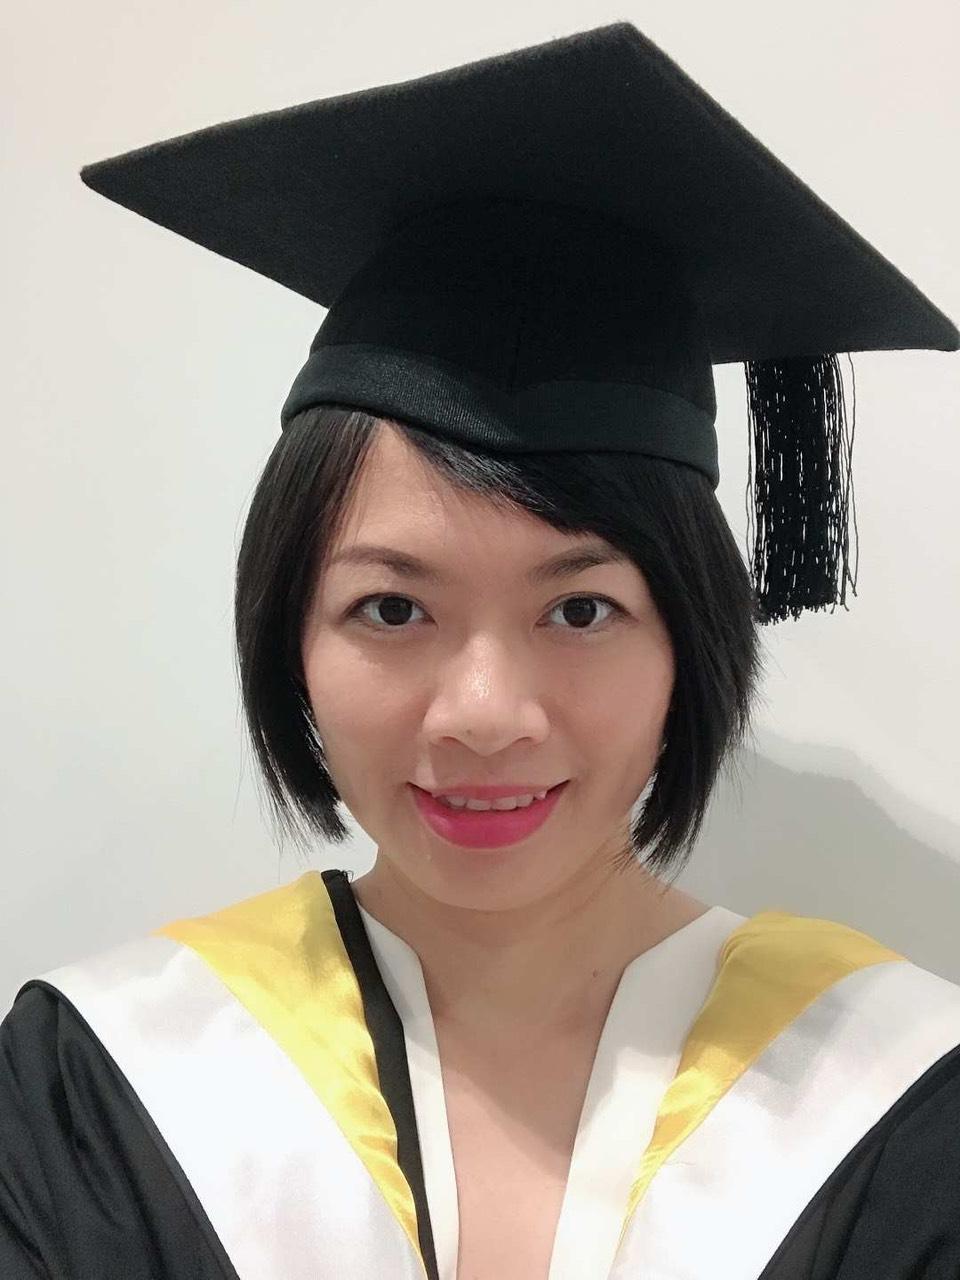 Ths. Huỳnh Thị Kiều Ngân - Phó khoa Tài chính Kế toán - Thạc sỹ chuyên ngành Kế toán (trường Torrens University tại Australia)